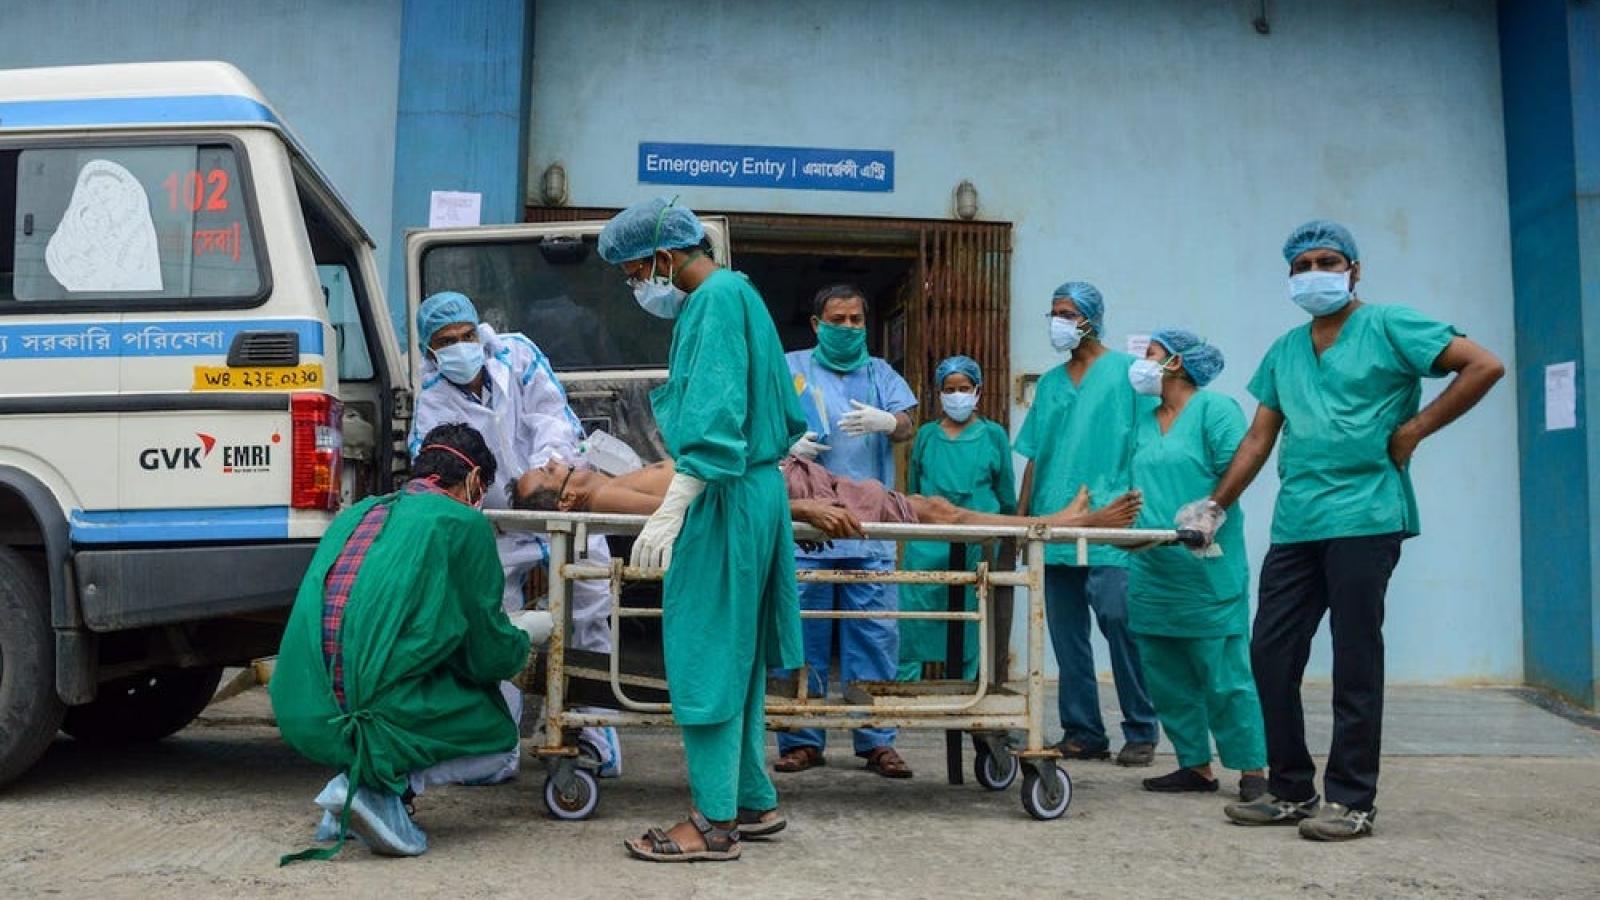 Ấn Độ ghi nhận số ca tử vong do Covid-19 trong ngày cao nhất thế giới